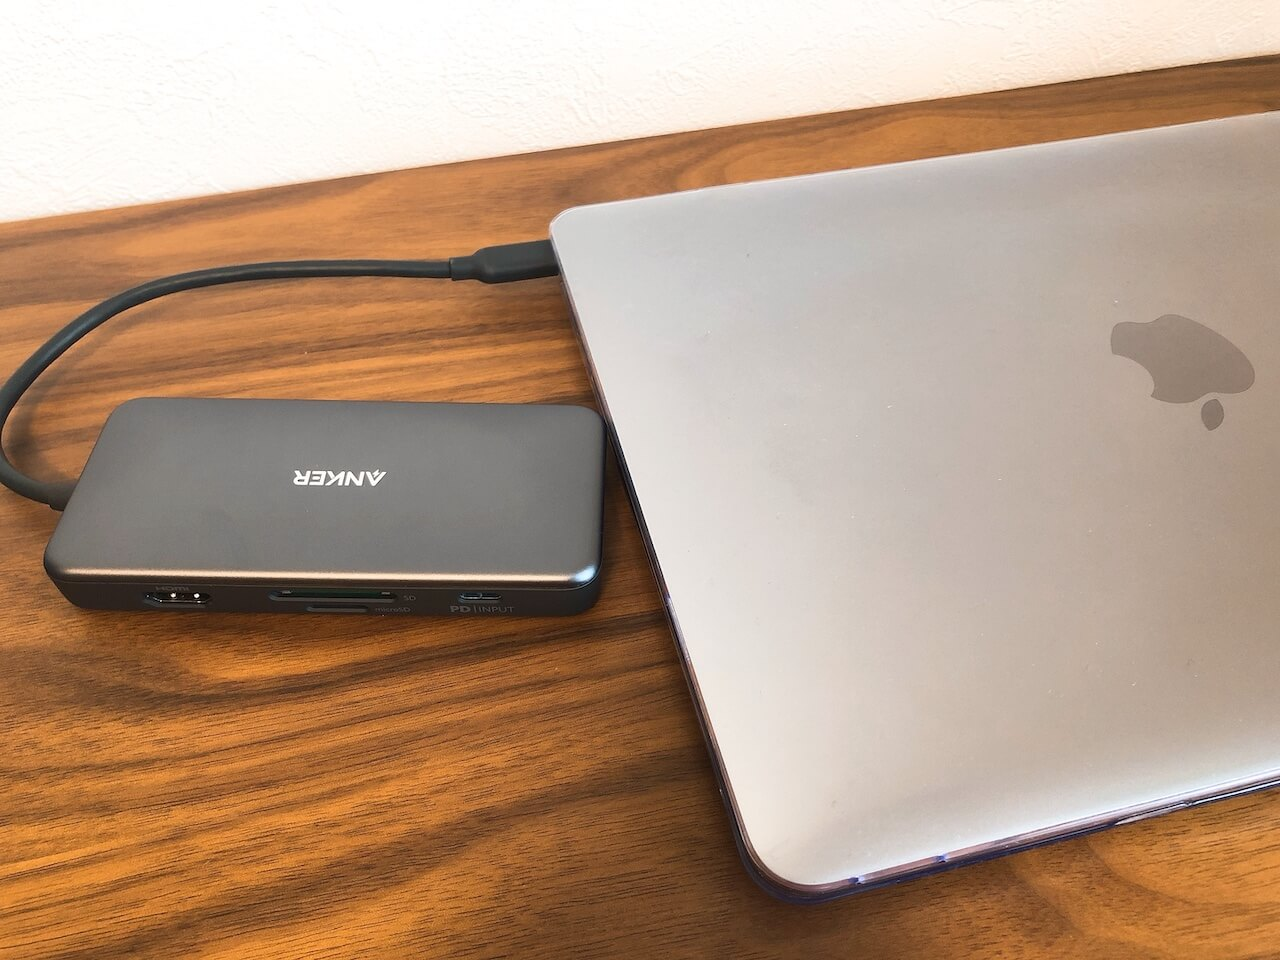 AnkerのハブとMacbookを接続したところの写真です。